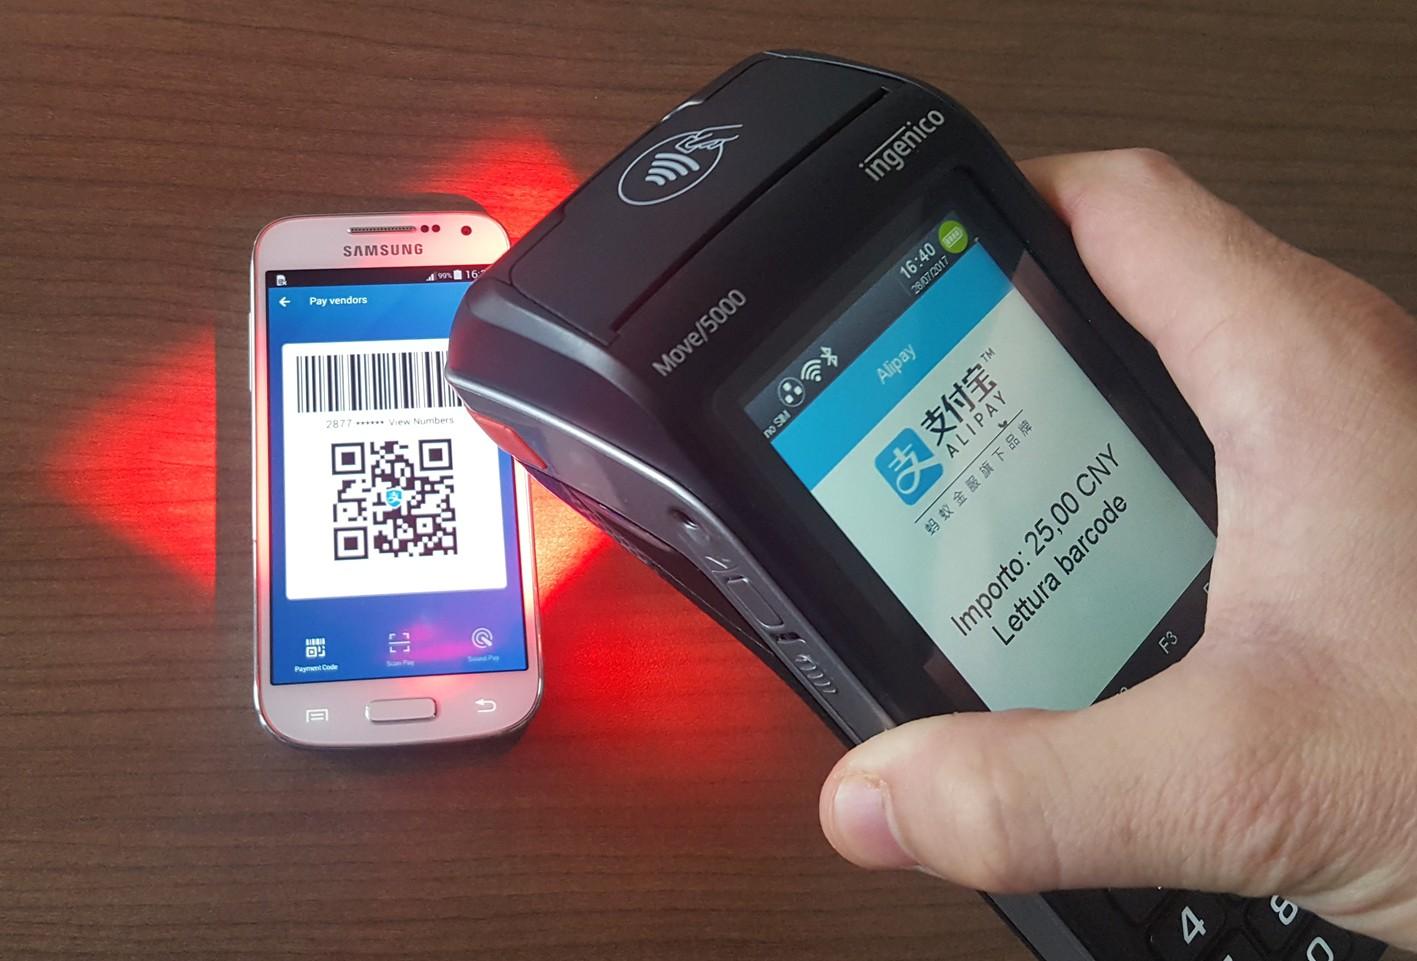 Ingenico estende l'accettazione dei pagamenti Alipay a Banche e Acquirer europei - Il Salone dei Pagamenti